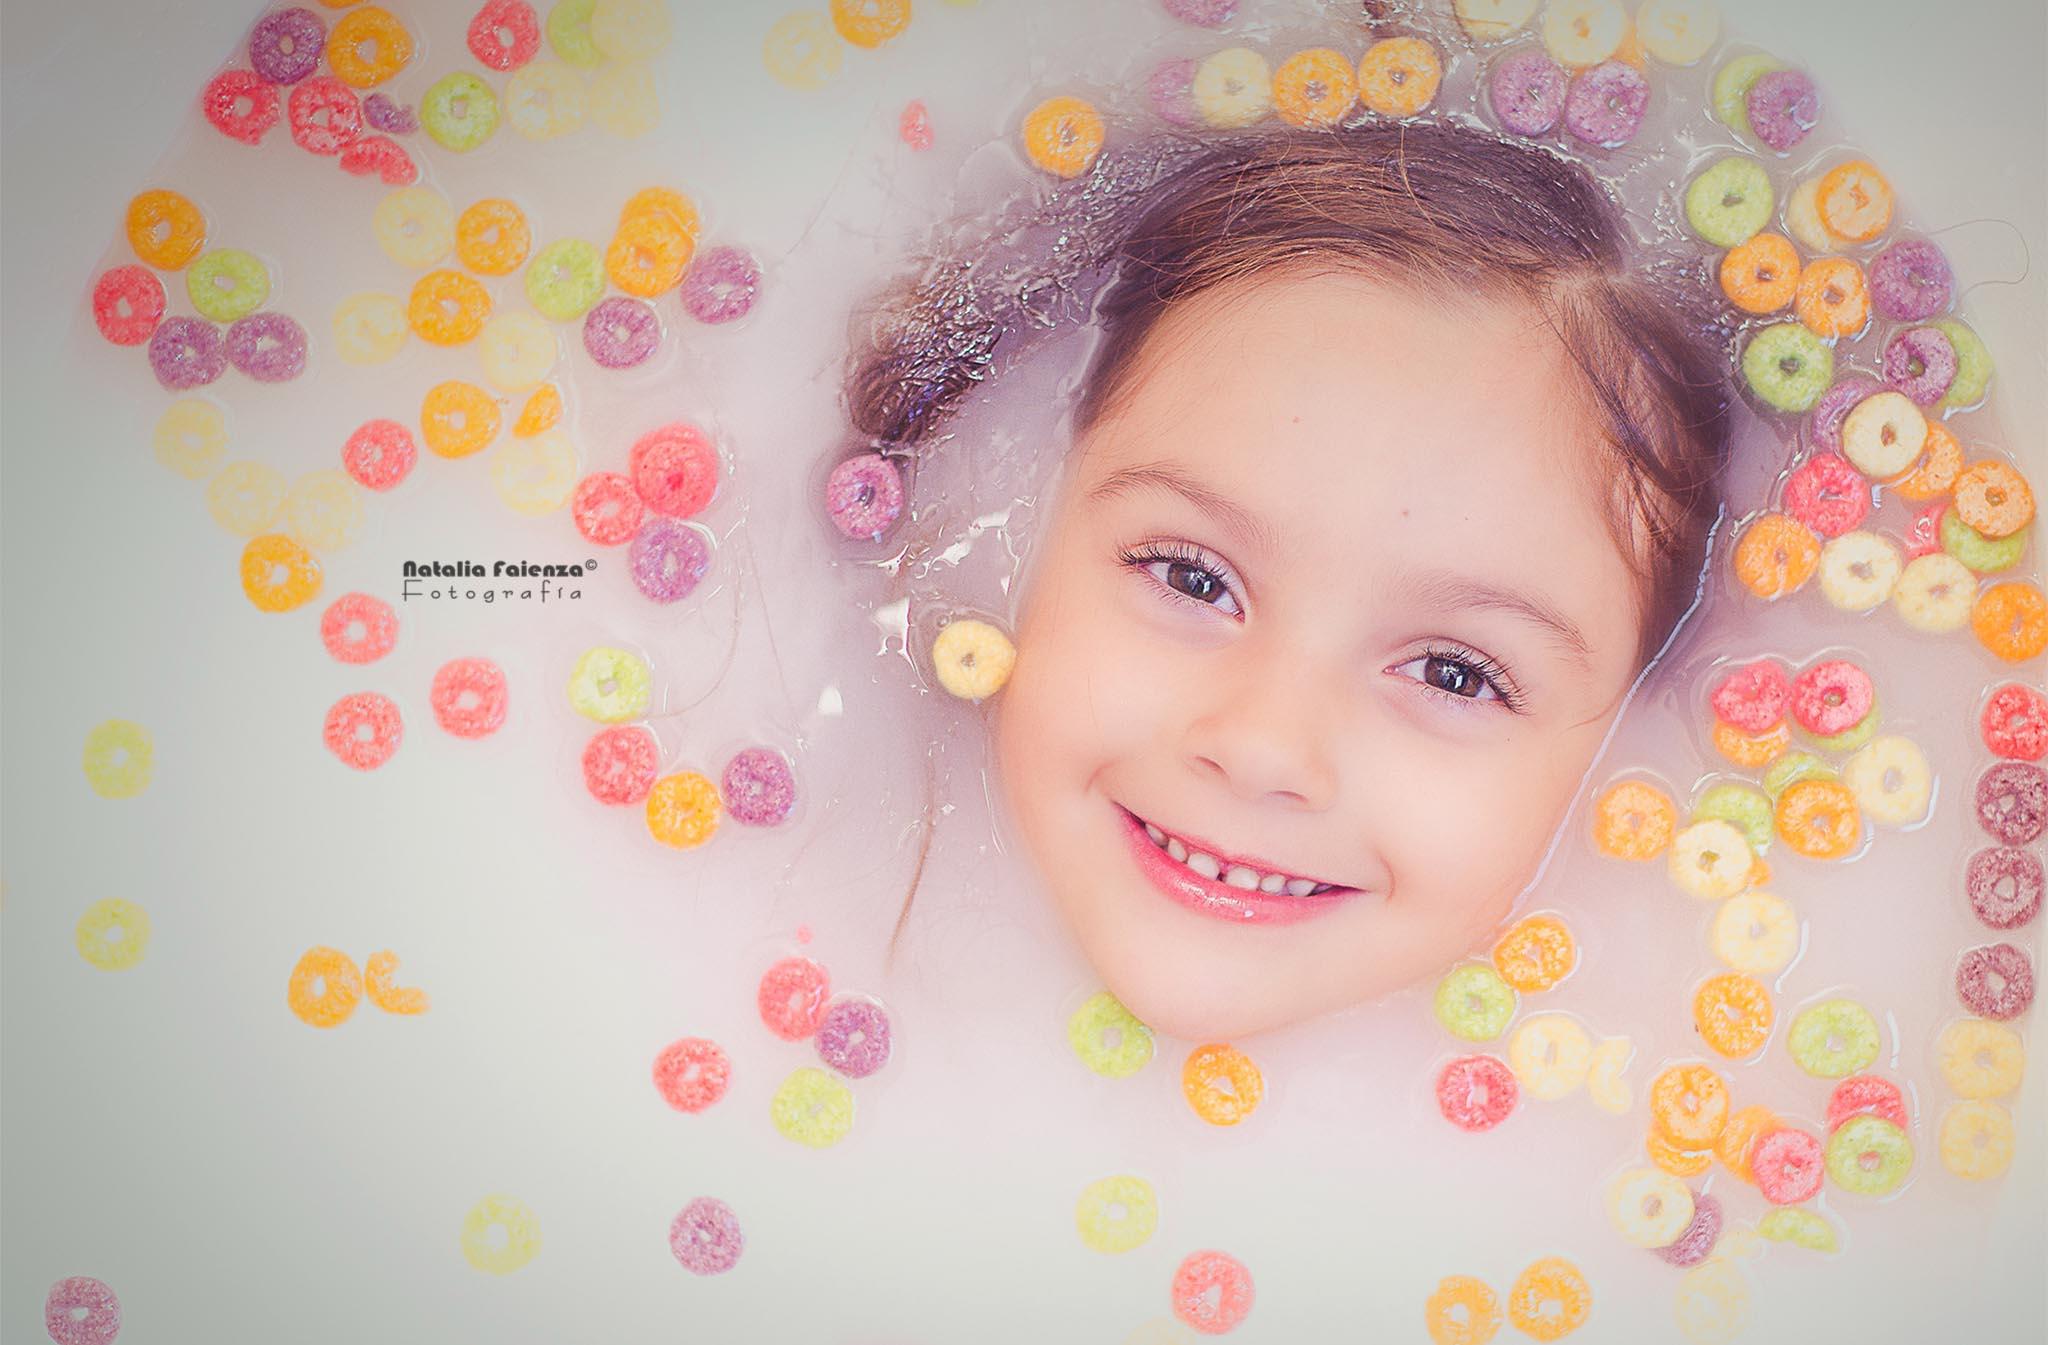 DSC_6129_copiamilk_bath_fotografía_workshop_natalia_faienza_1